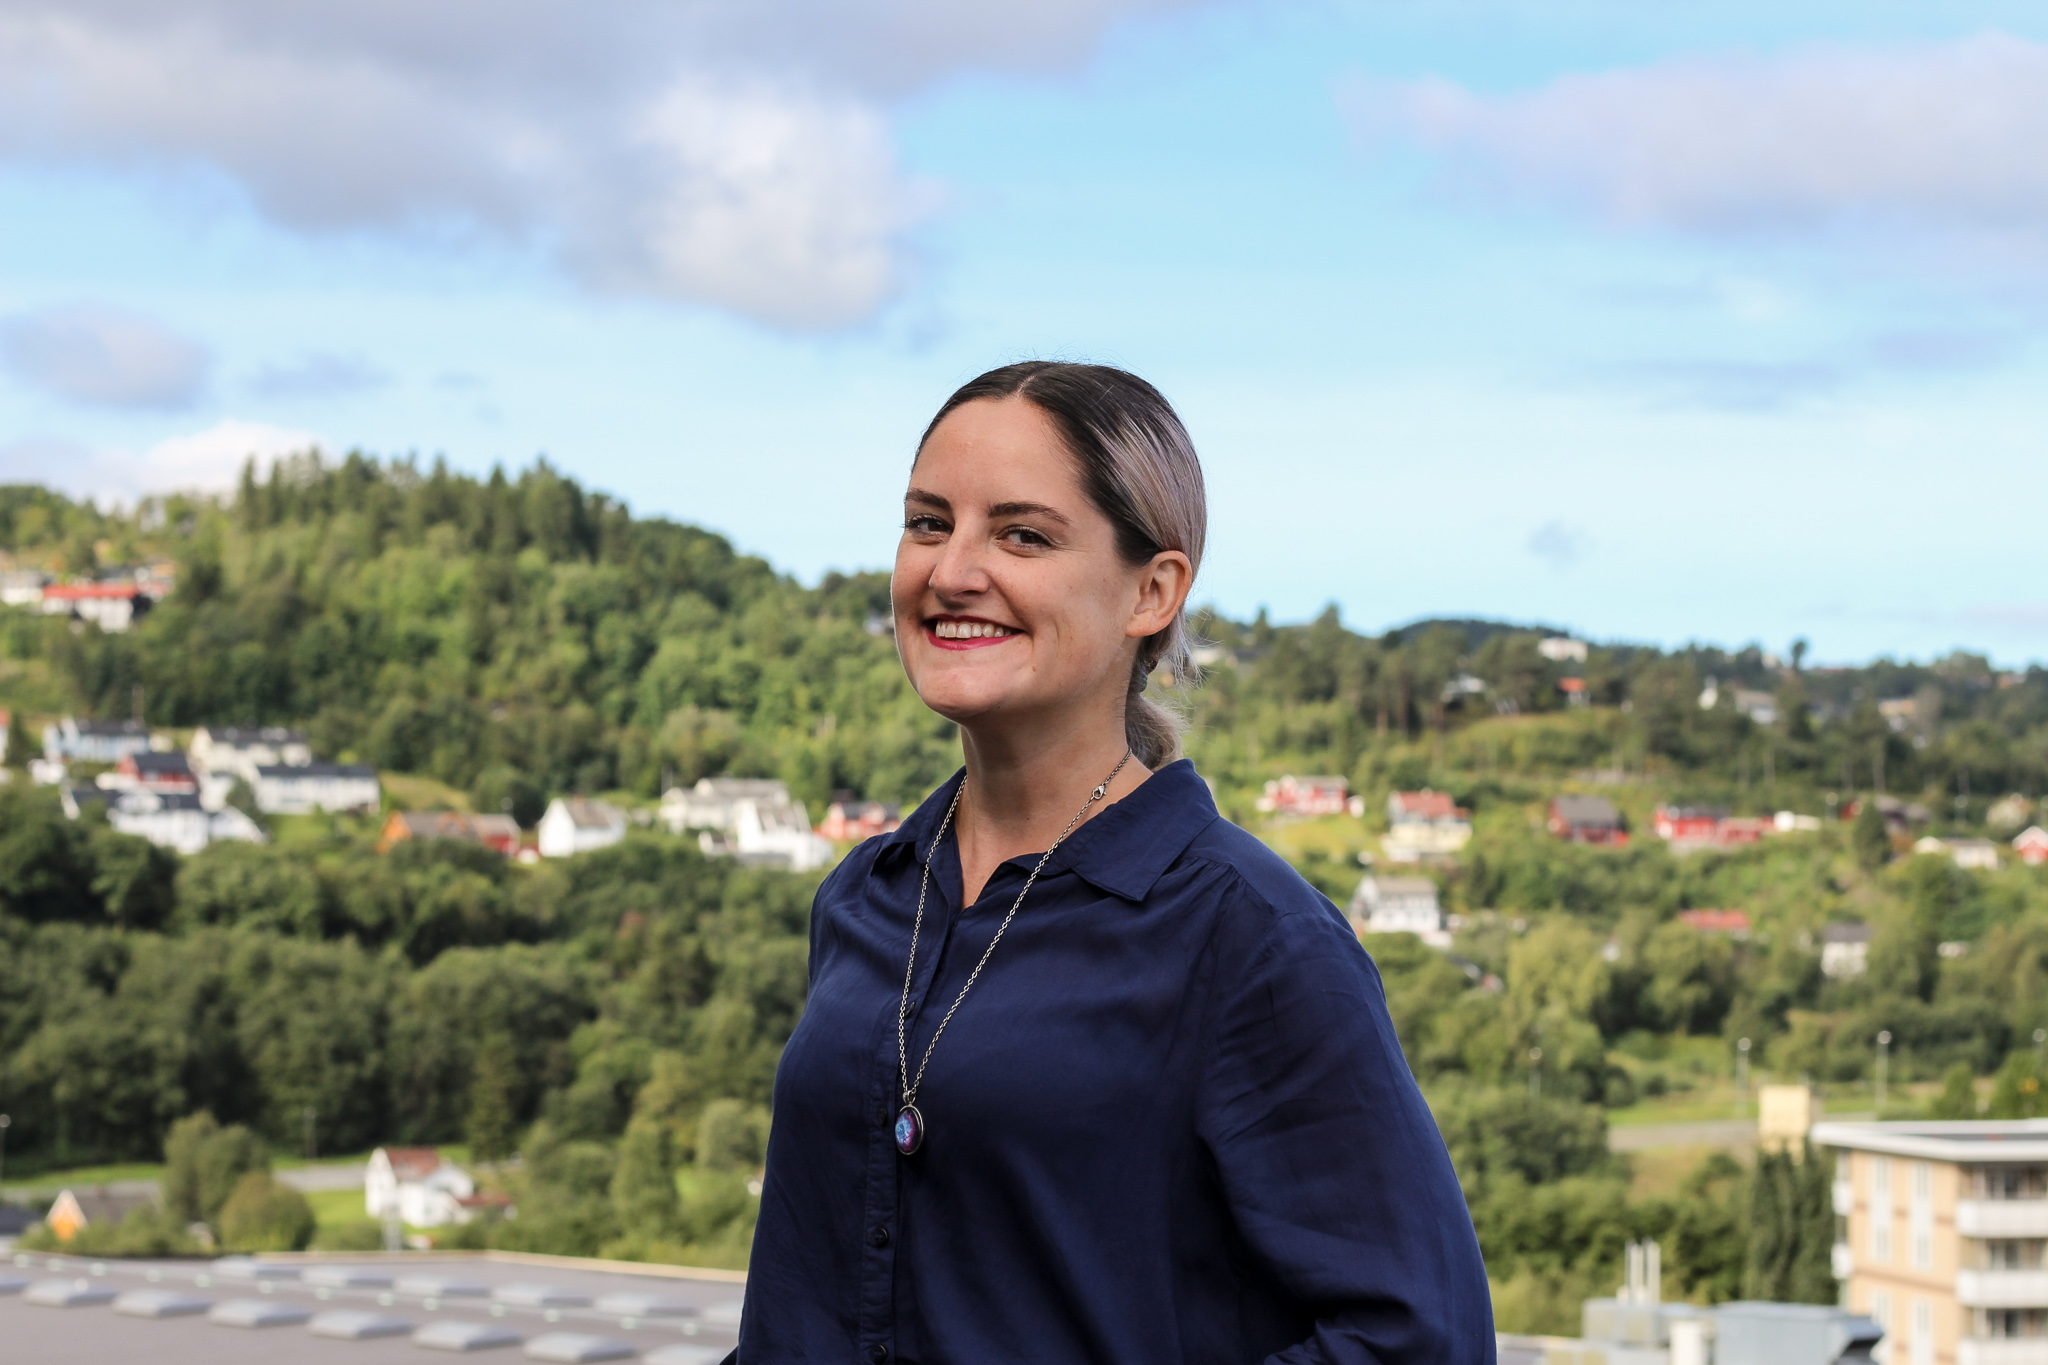 Lise Emilsen Klevstuen